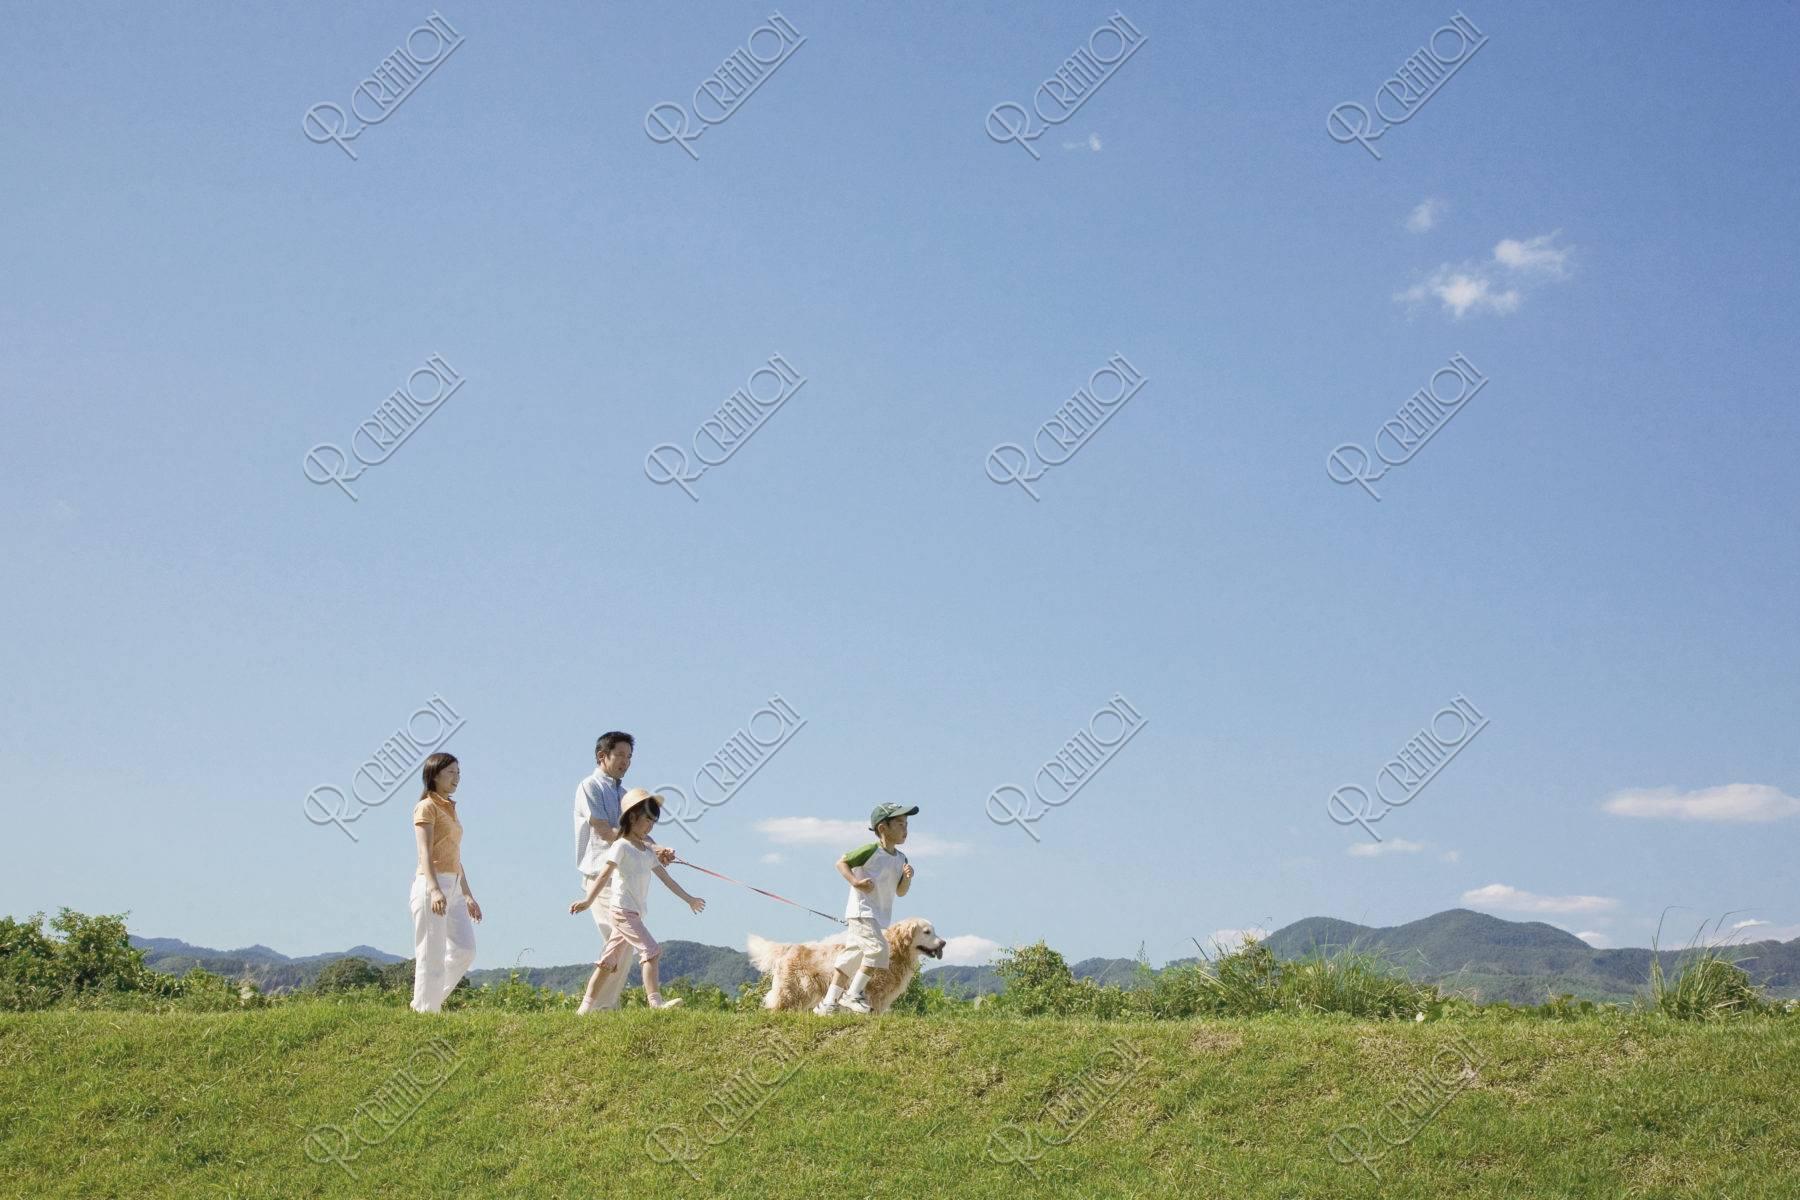 土手を散歩するファミリーと犬